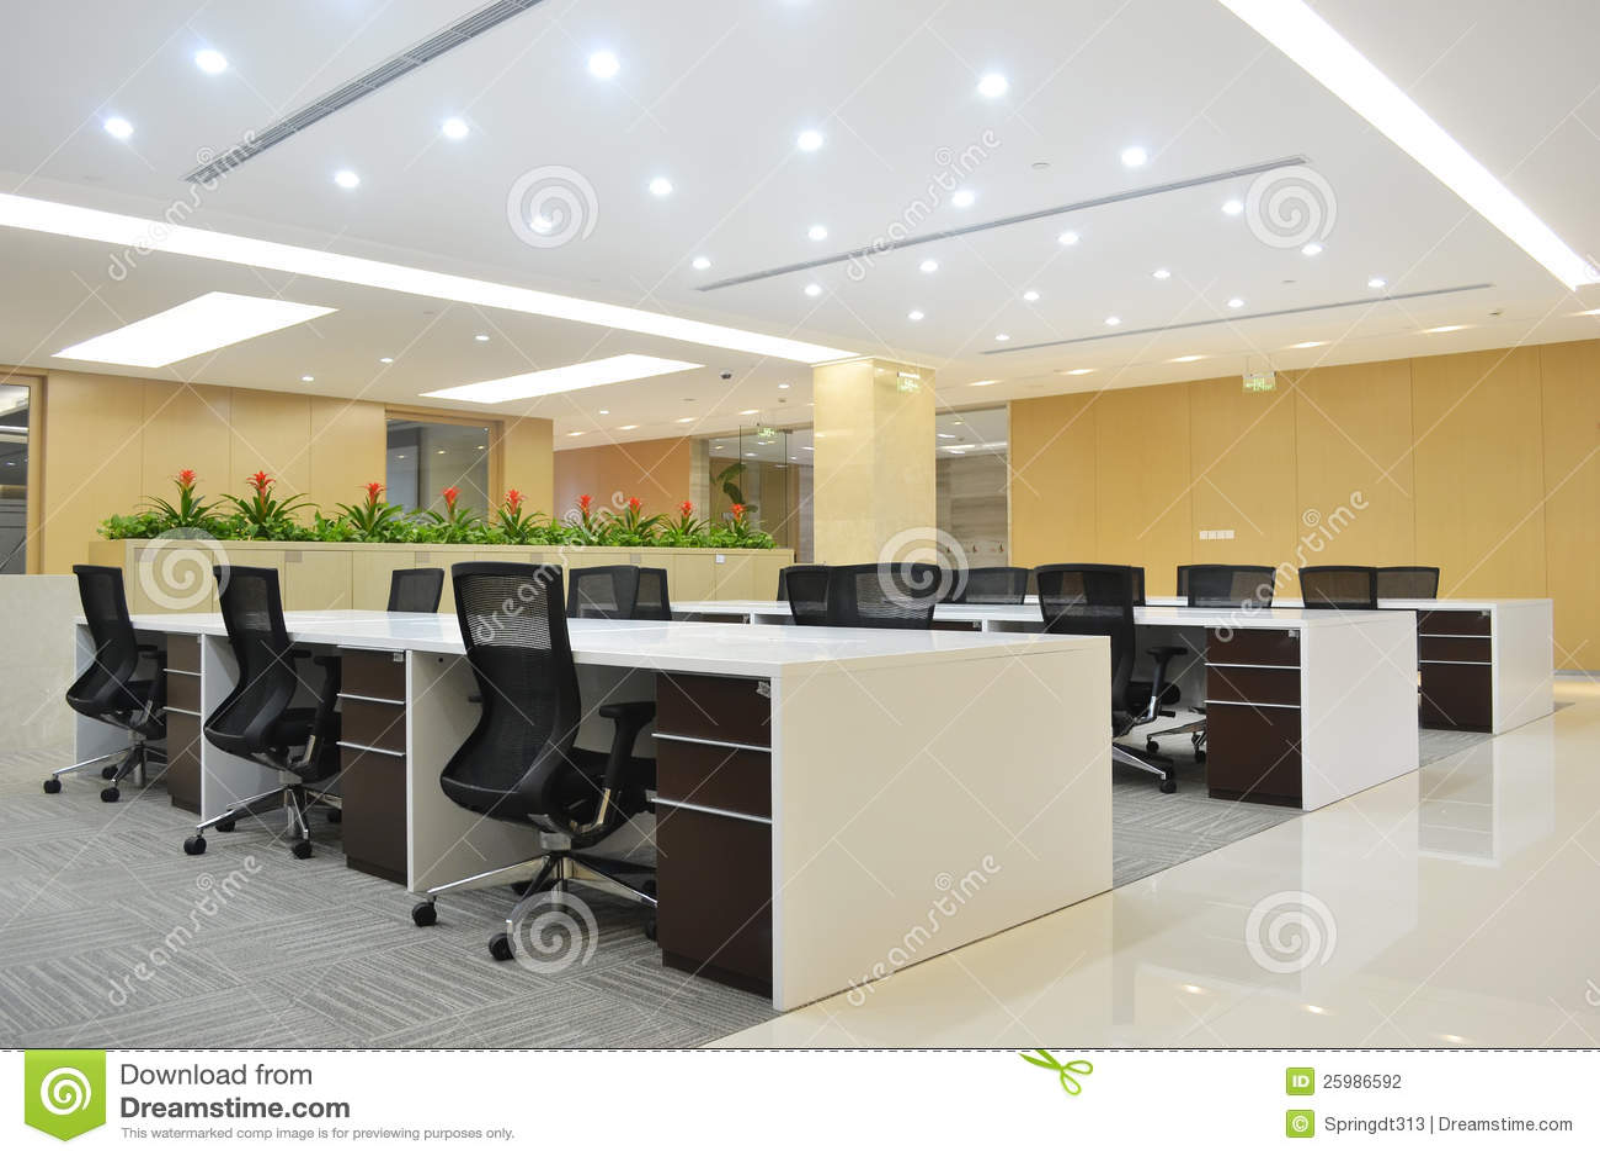 Foto Ufficio Moderno : Ufficio moderno fotografia stock. immagine di spazio 25986592